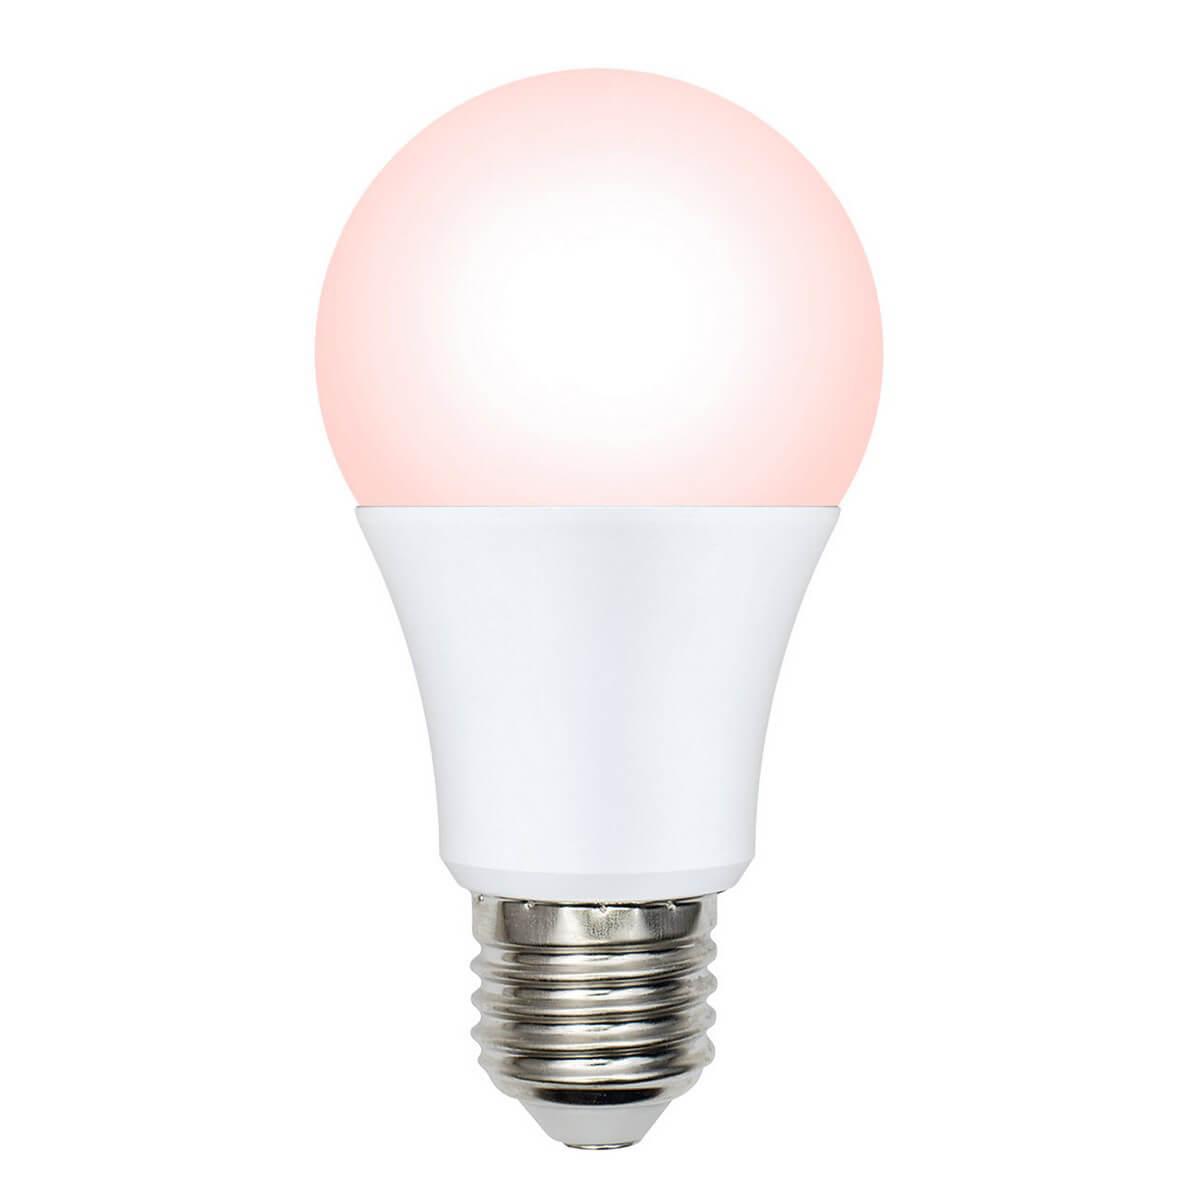 Фото - Лампочка Uniel LED-A60-9W/SCEP/E27/FR/DIM IP65 PLO65WH LED-A60 (Диммирование) лампочка uniel led a60 9w nw e27 fr alm